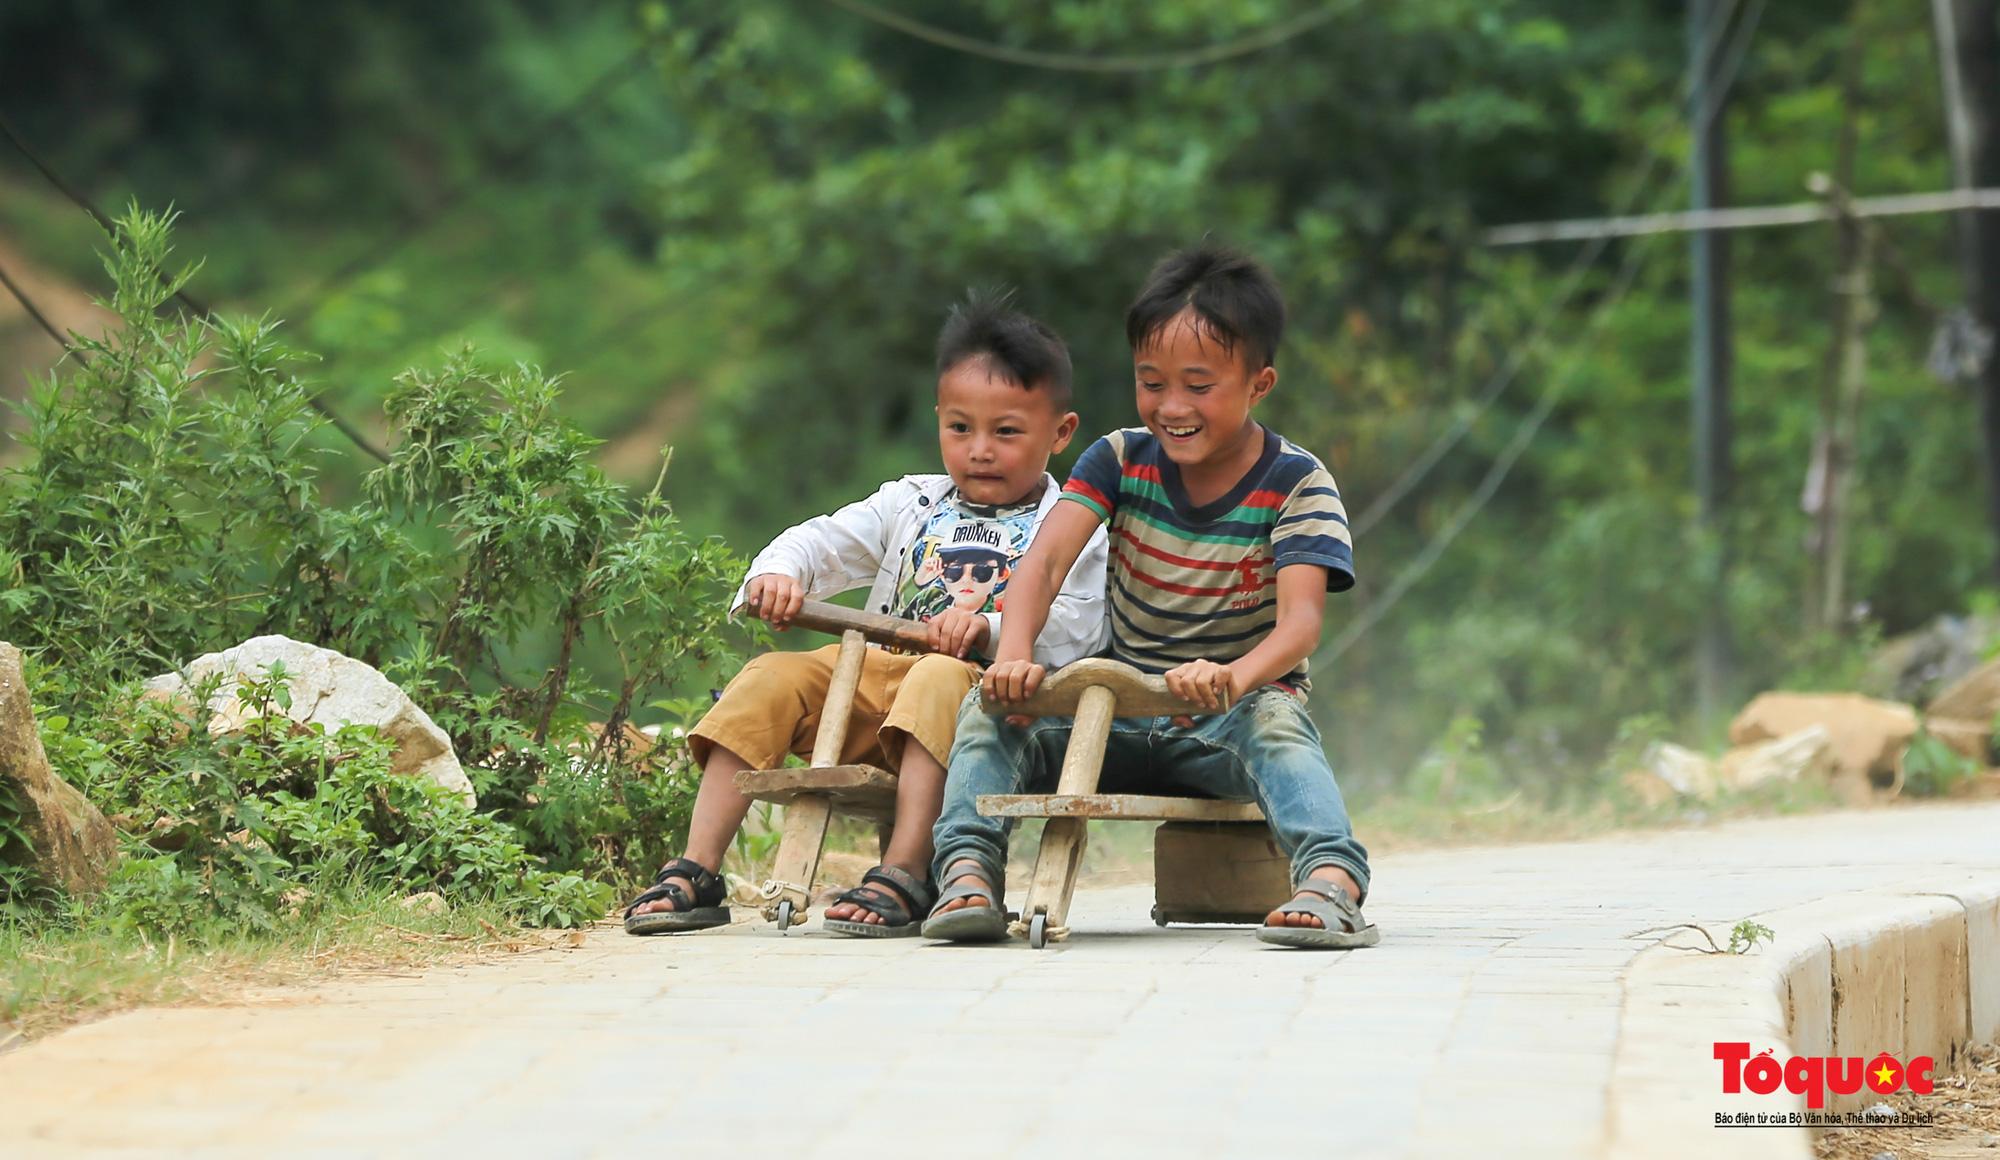 Độc đáo những 'xế' độ bằng gỗ của trẻ em ở vùng cao - Ảnh 15.